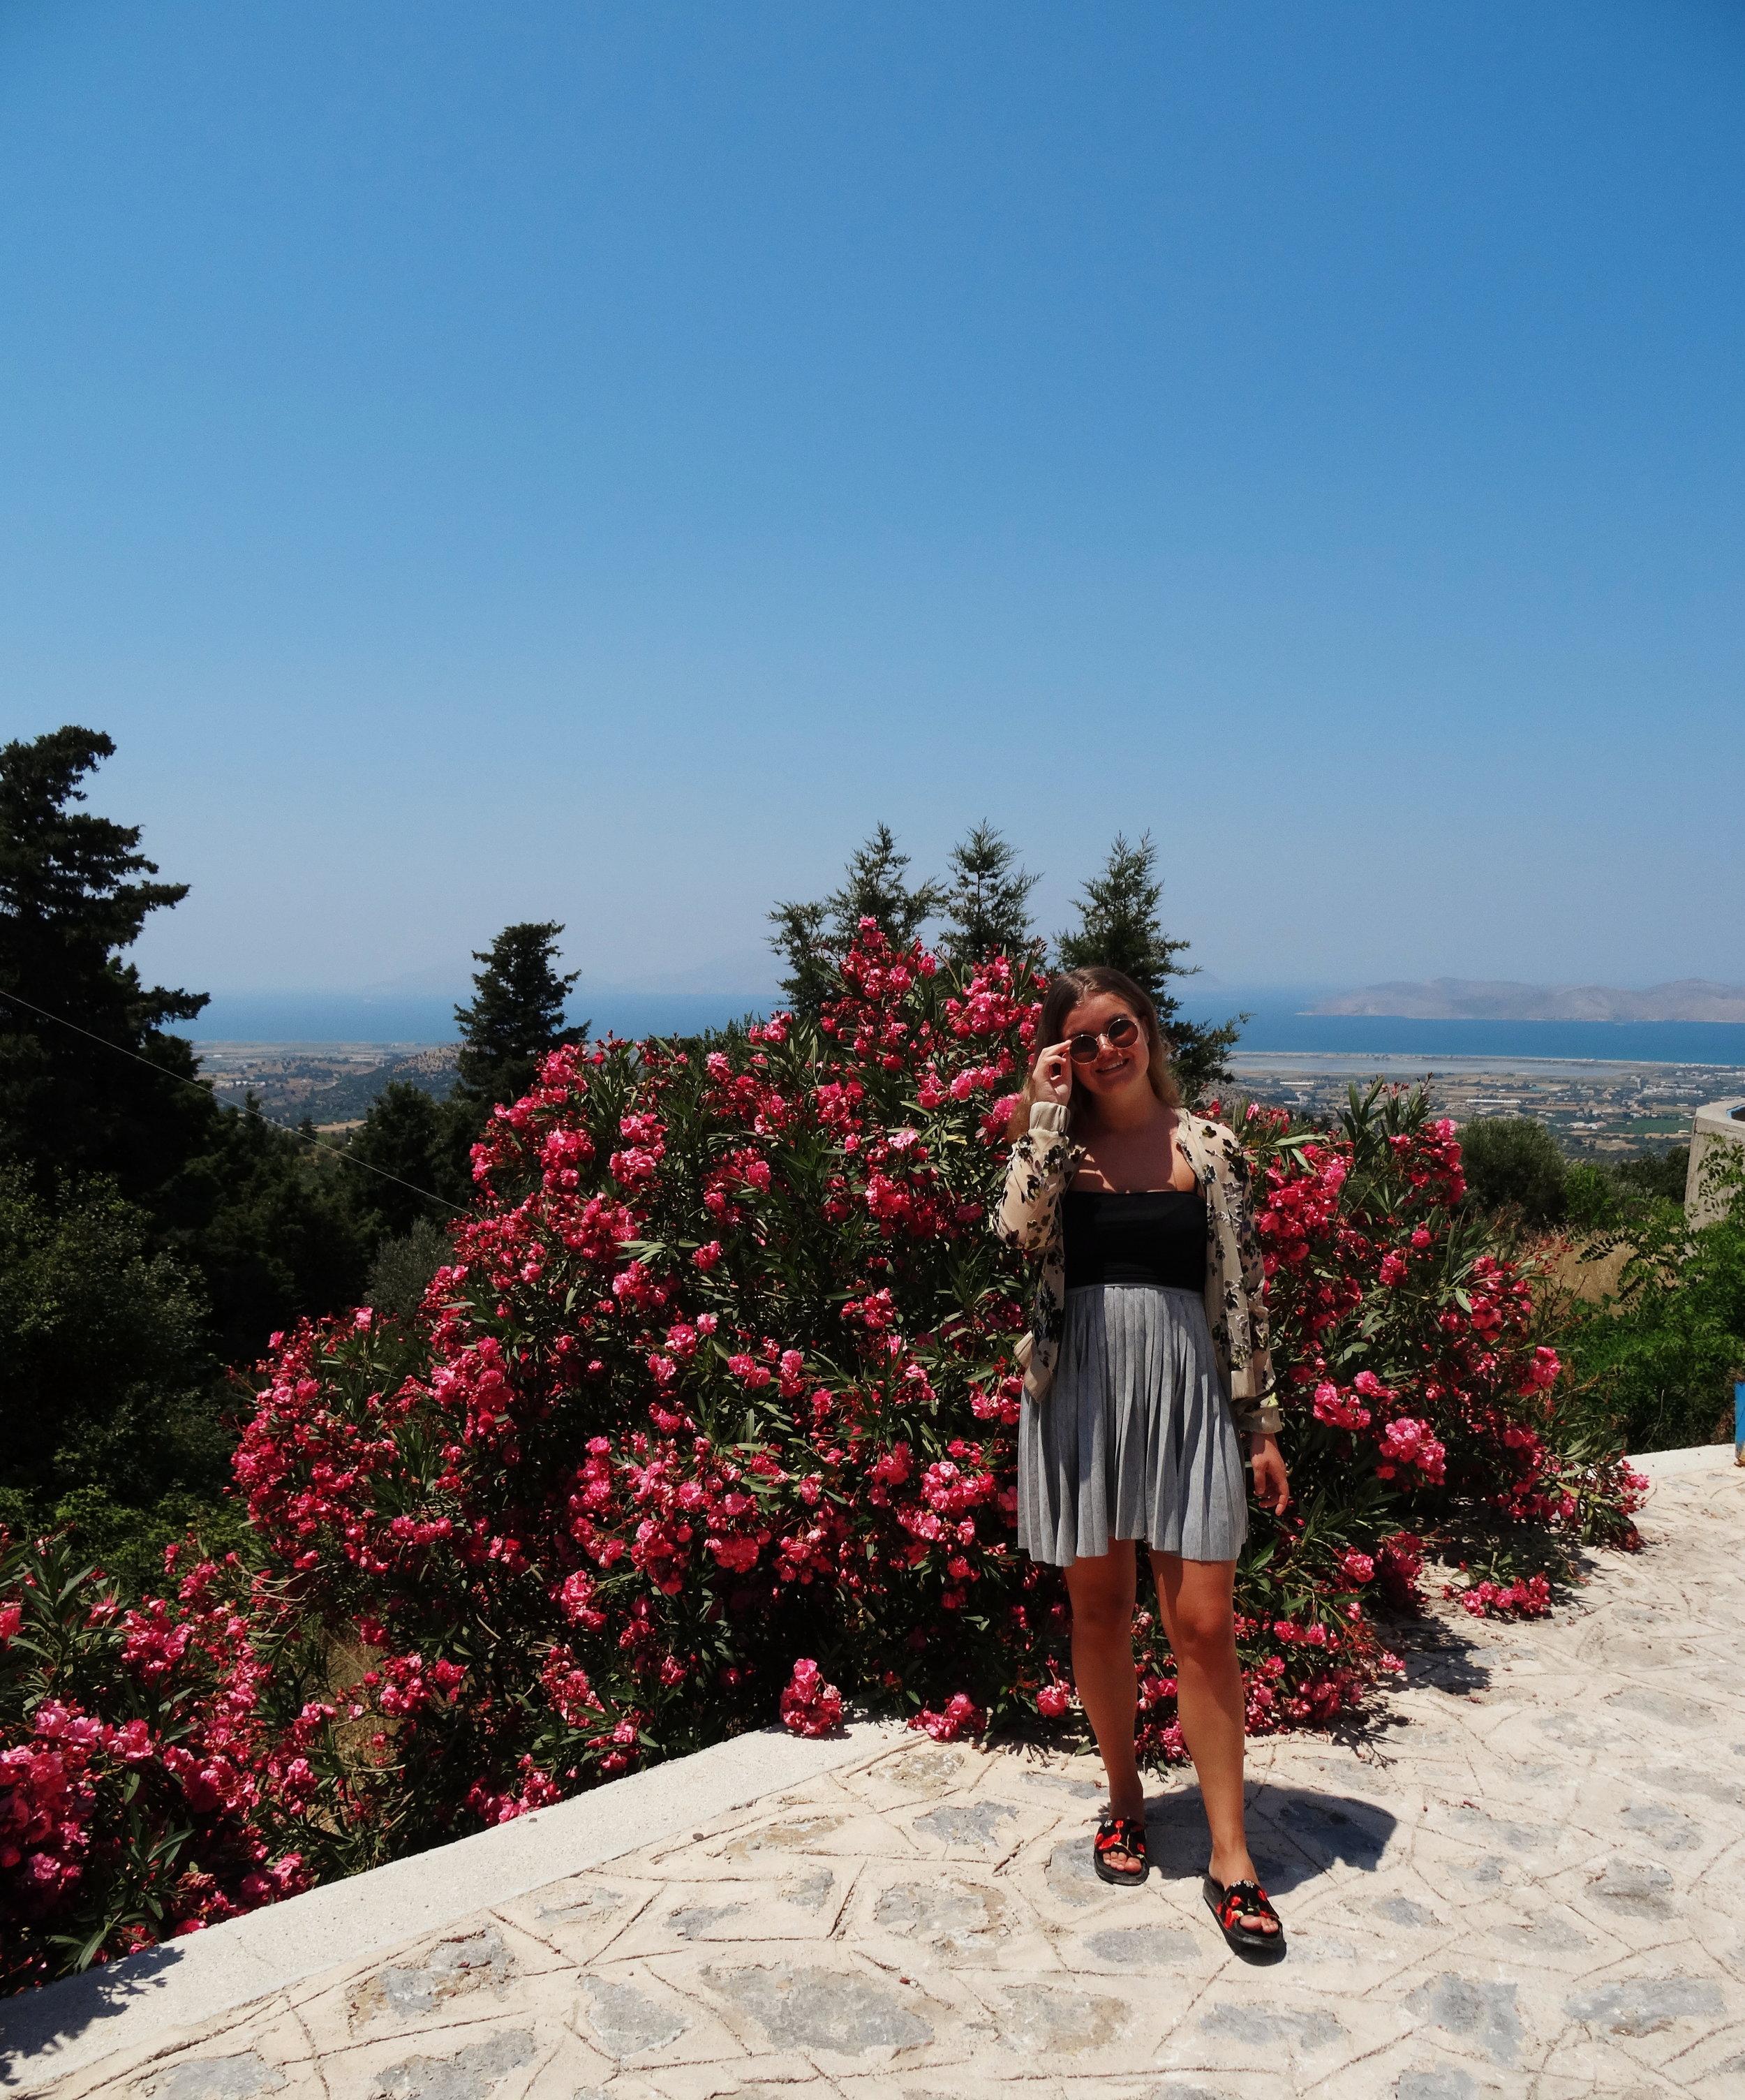 zia-kos-kreikka-mona-kajander-matkablogi